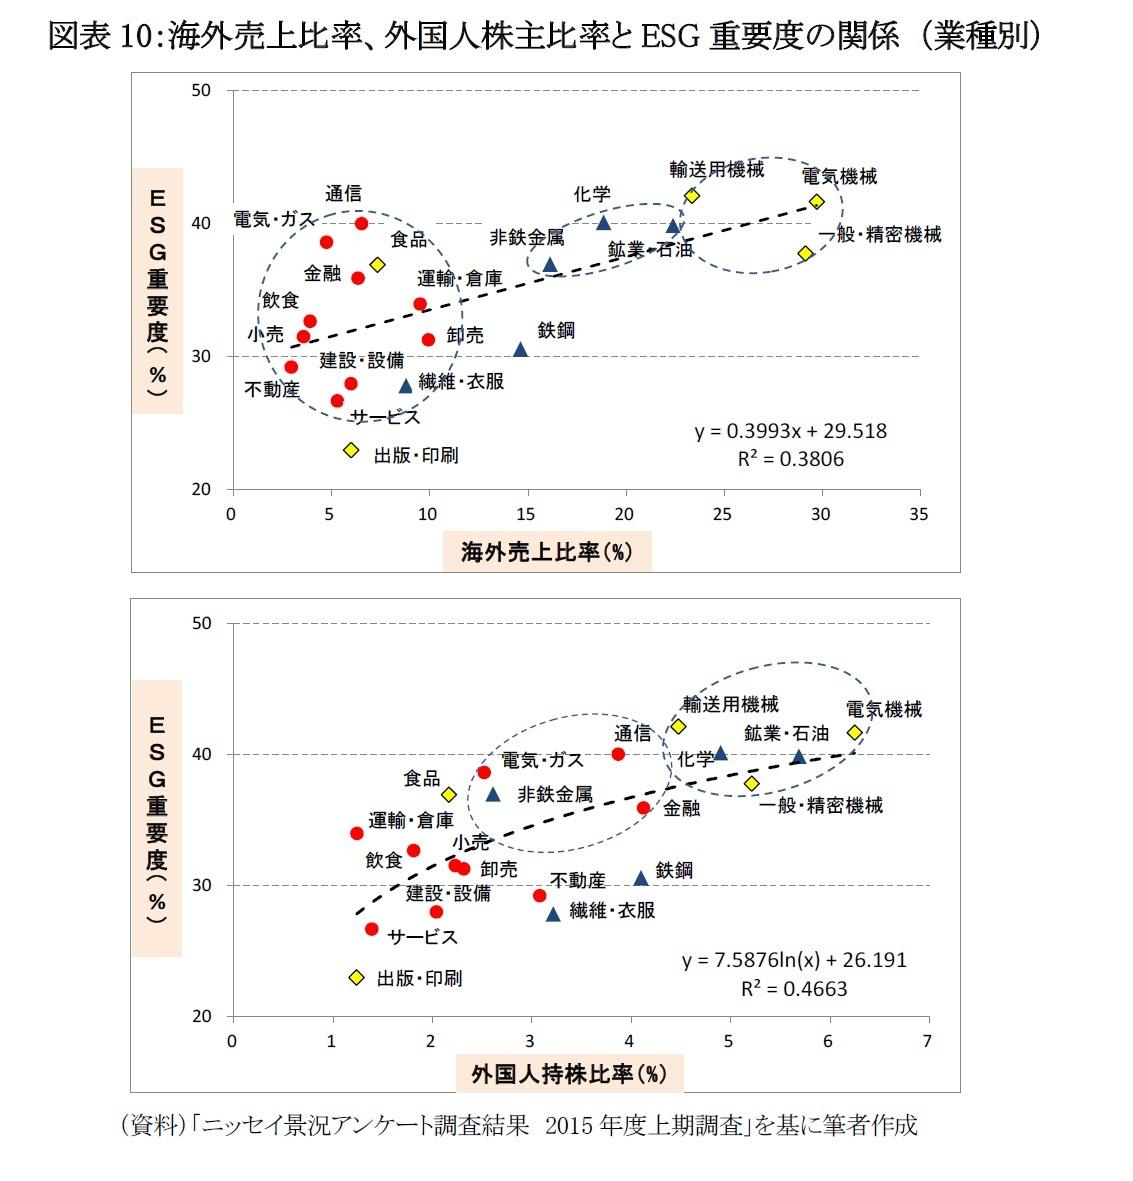 図表10:海外売上比率、外国人株主比率とESG重要度の関係 (業種別)